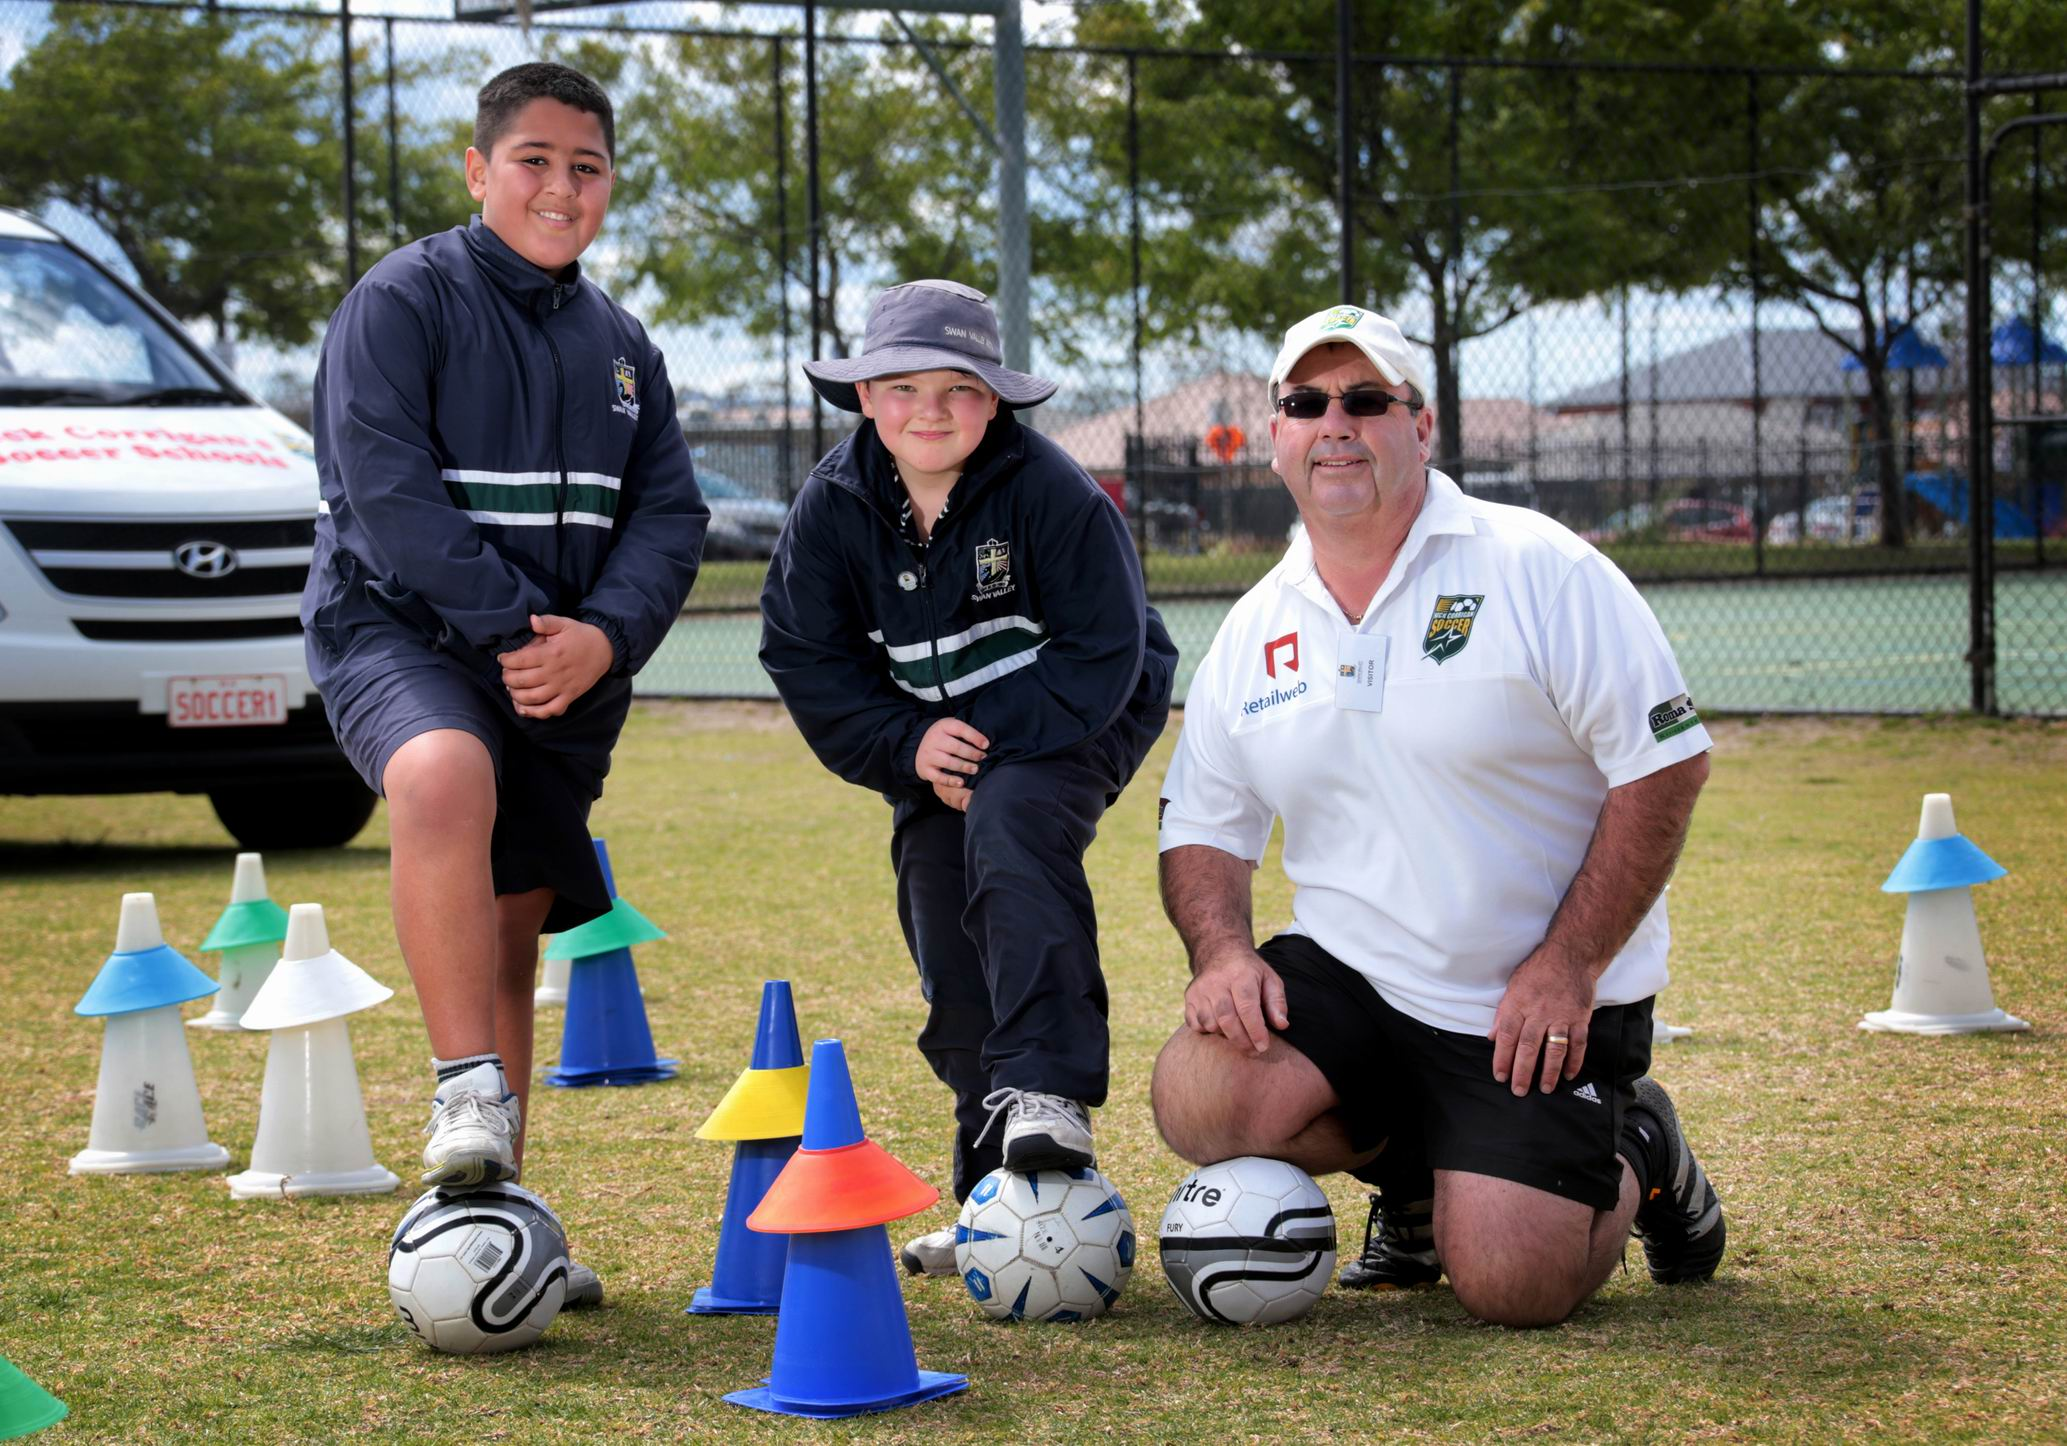 Emmanuel Bajada (10), Ace Geldert (9) and Nick Corrigan from the Nick Corrigan Soccer School. Picture: David Baylis